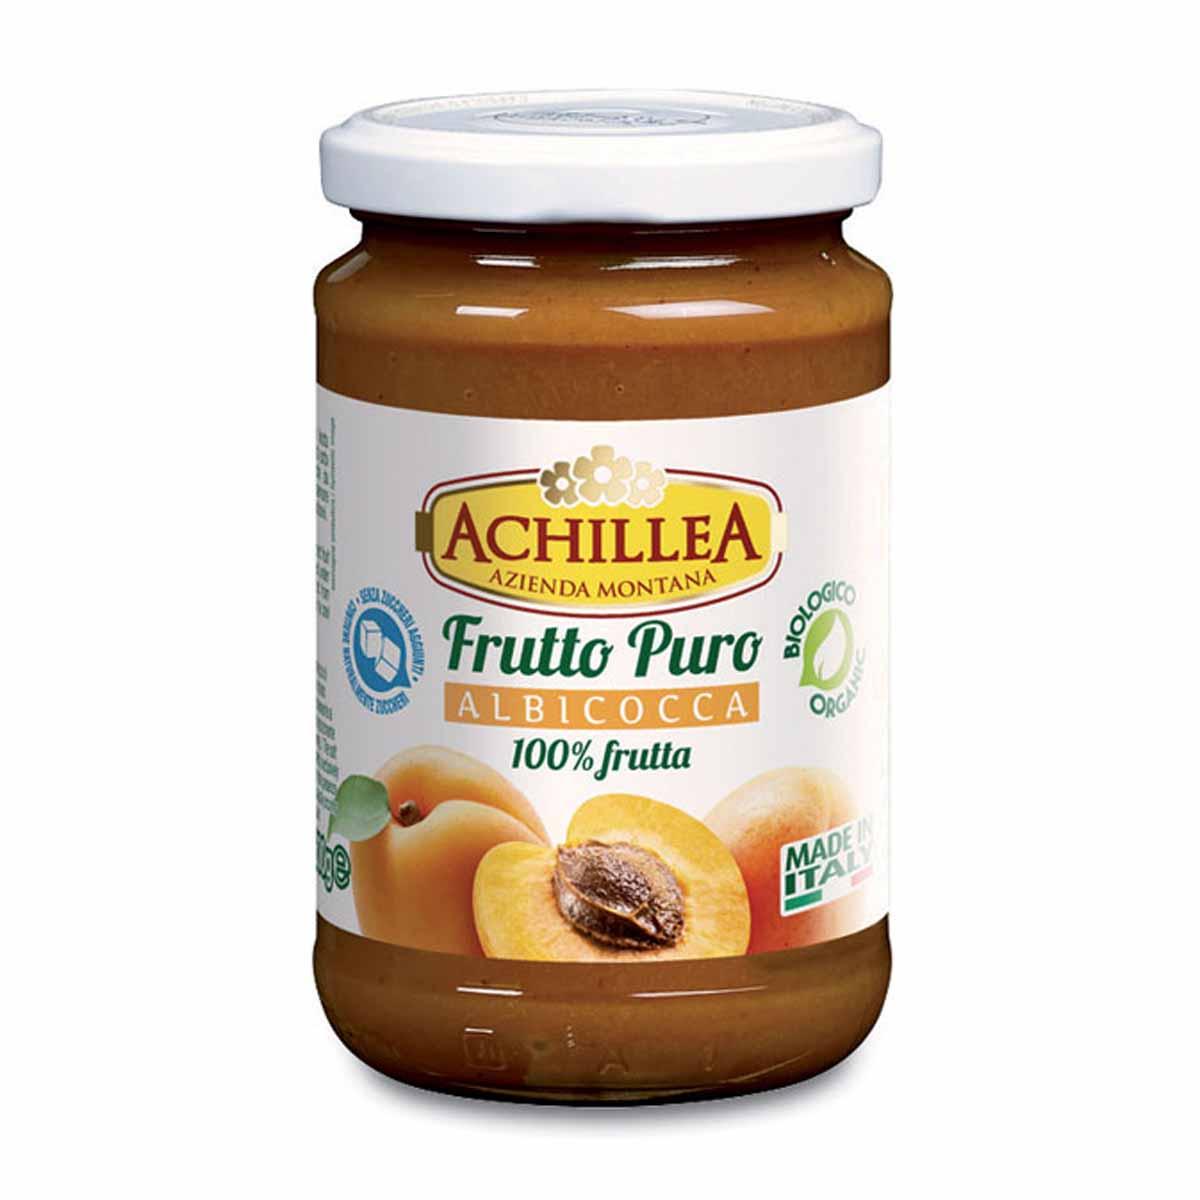 Achillea Frutto puro di albicocca